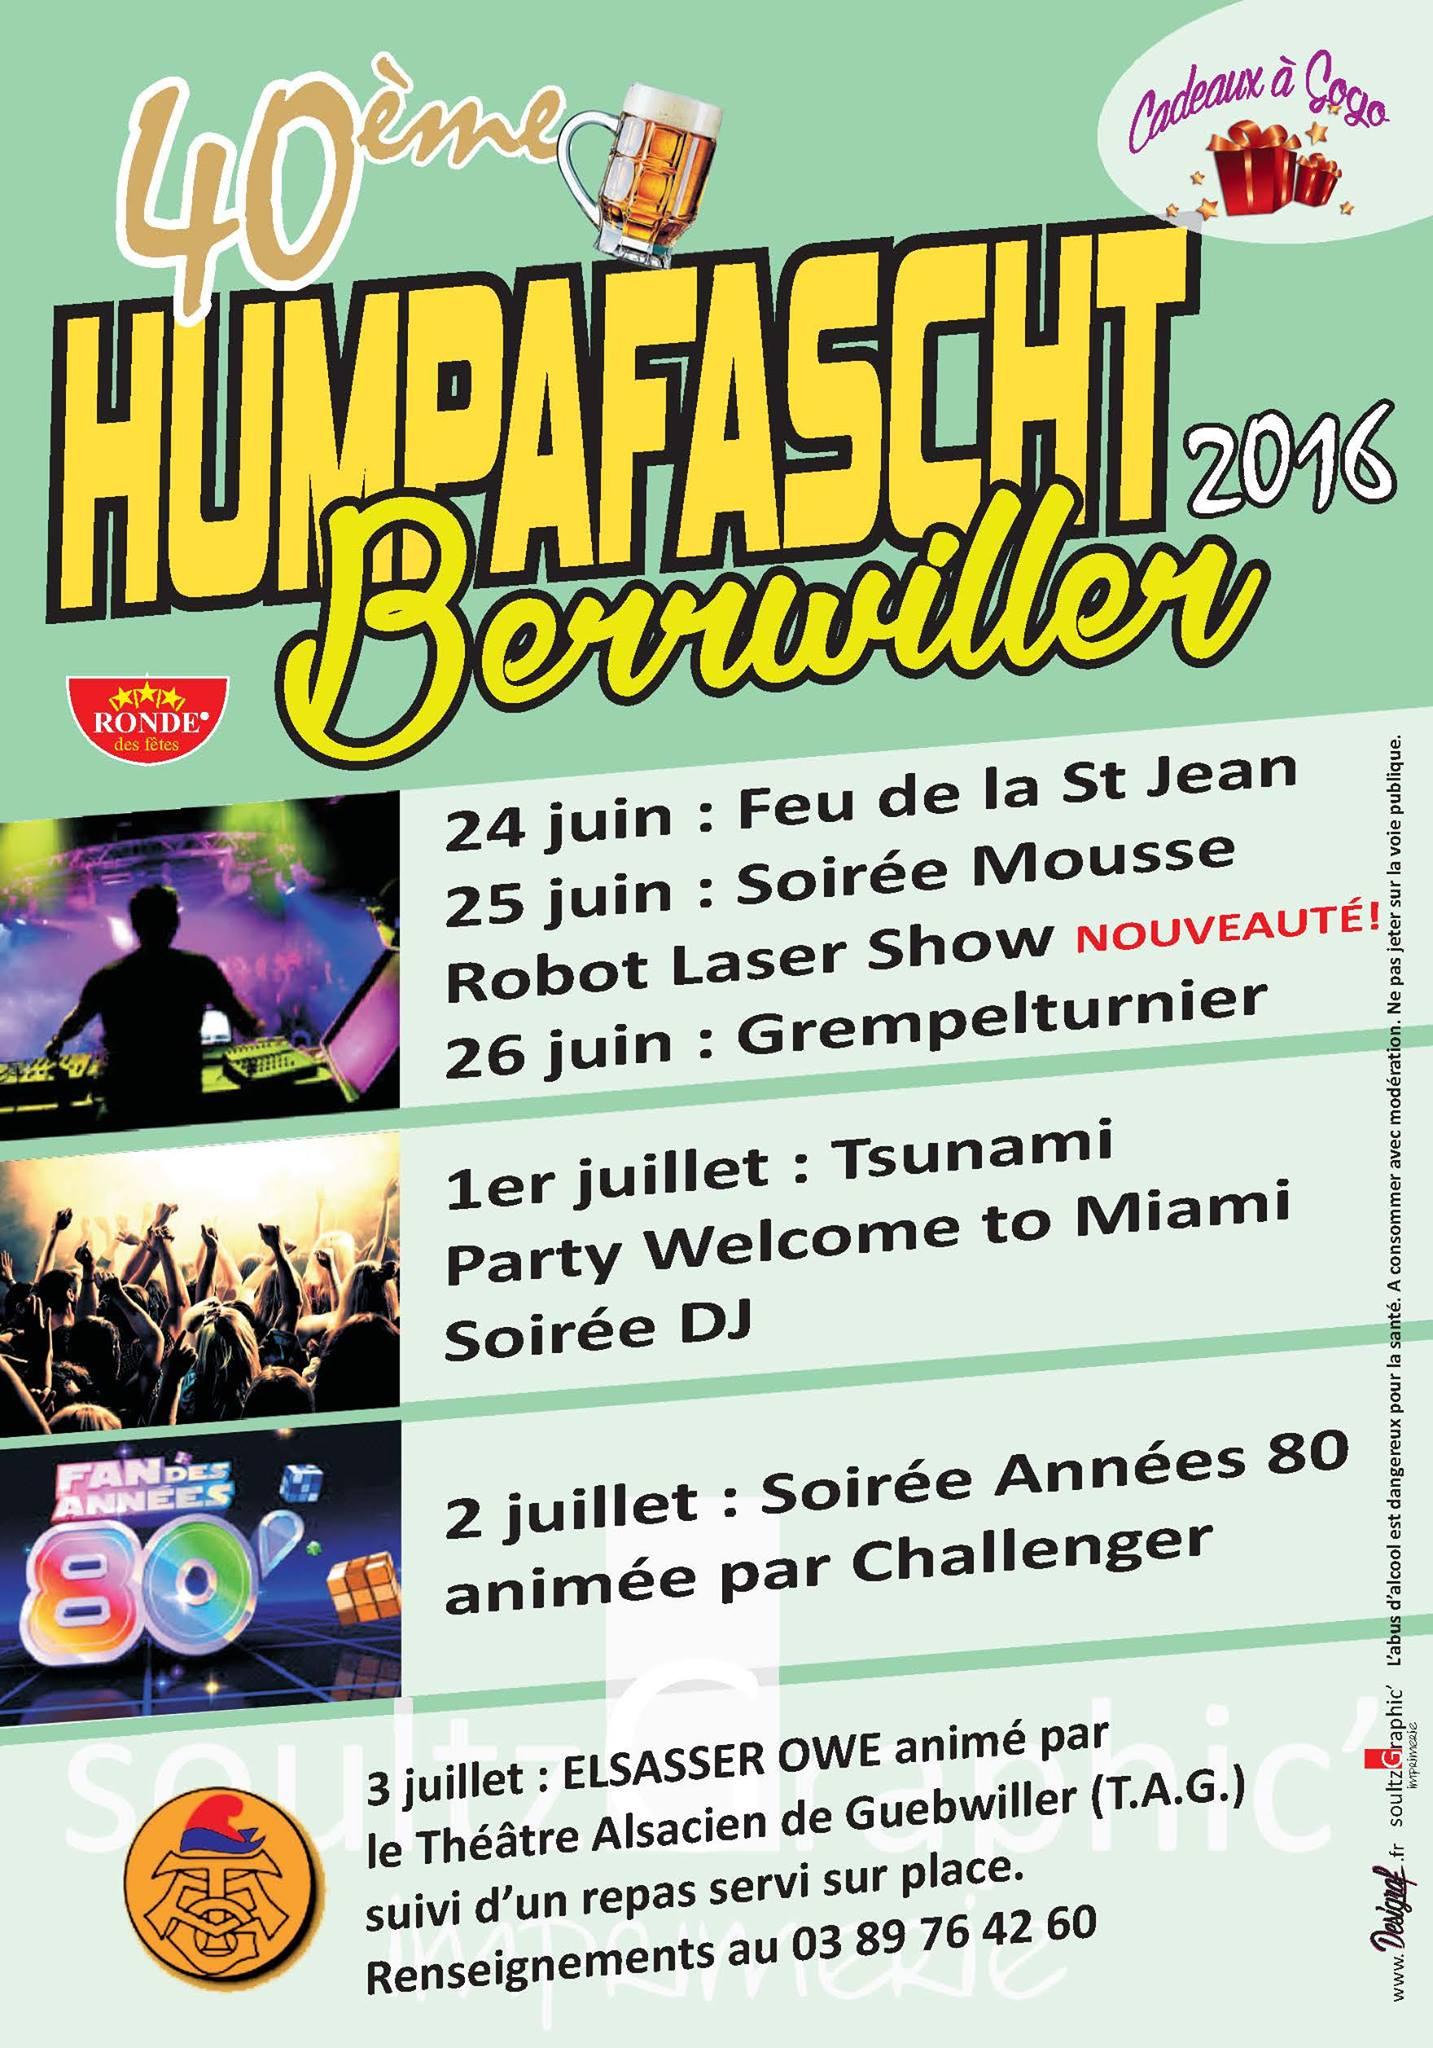 40 eme Humpafascht 2016